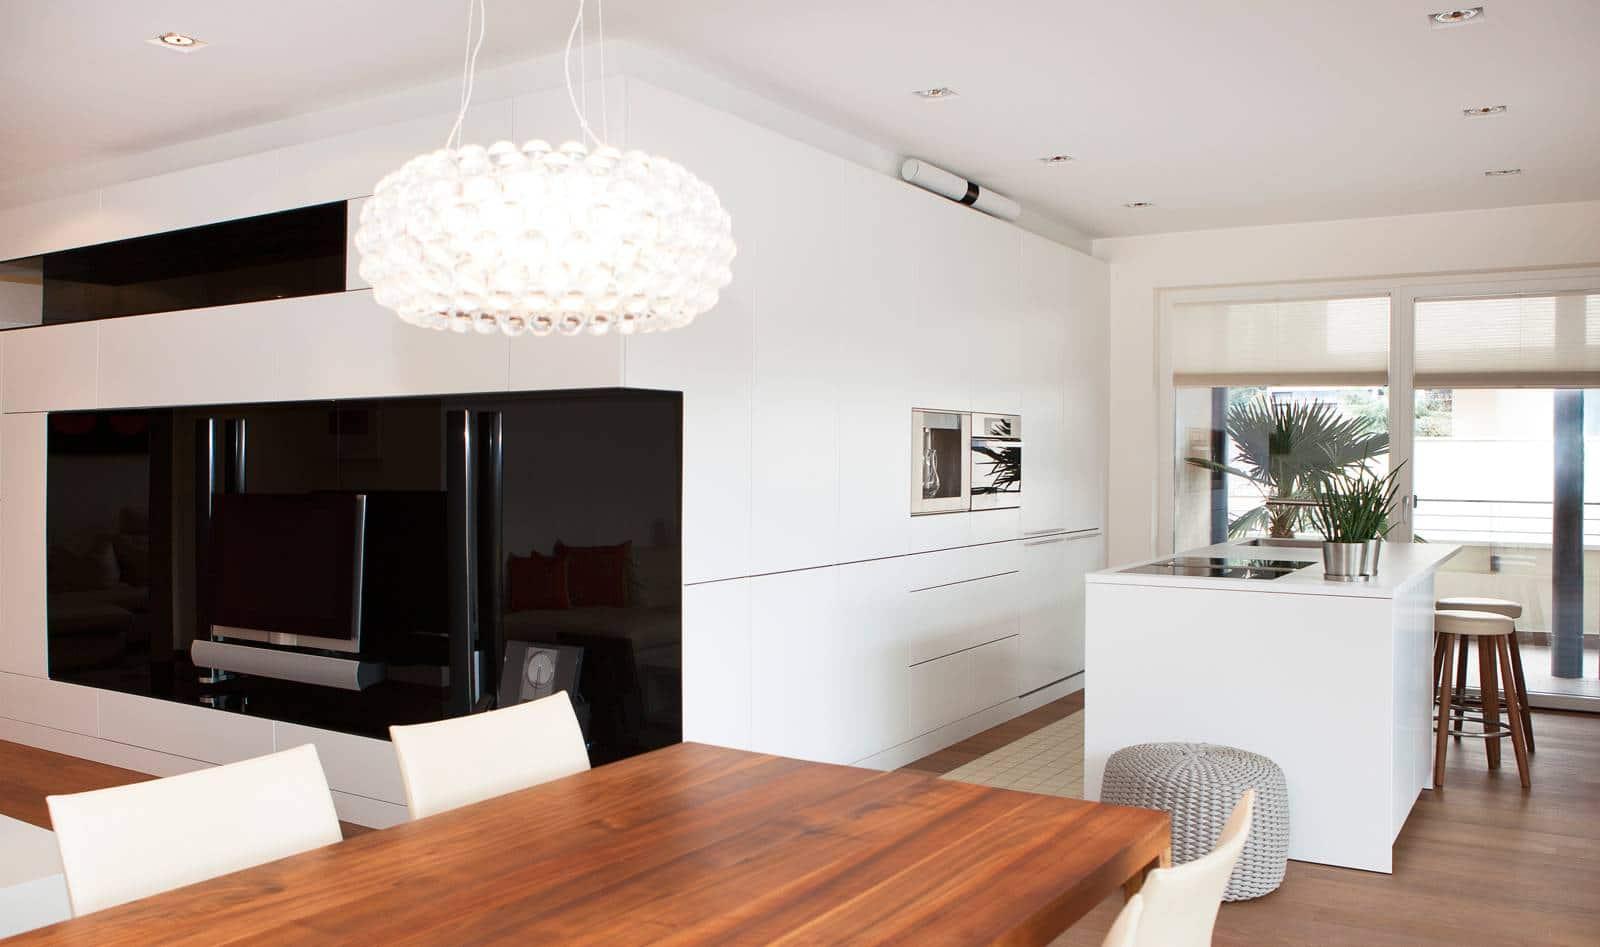 Dise o de planos de apartamento e interior construye hogar - Decoracion de cocina comedor ...